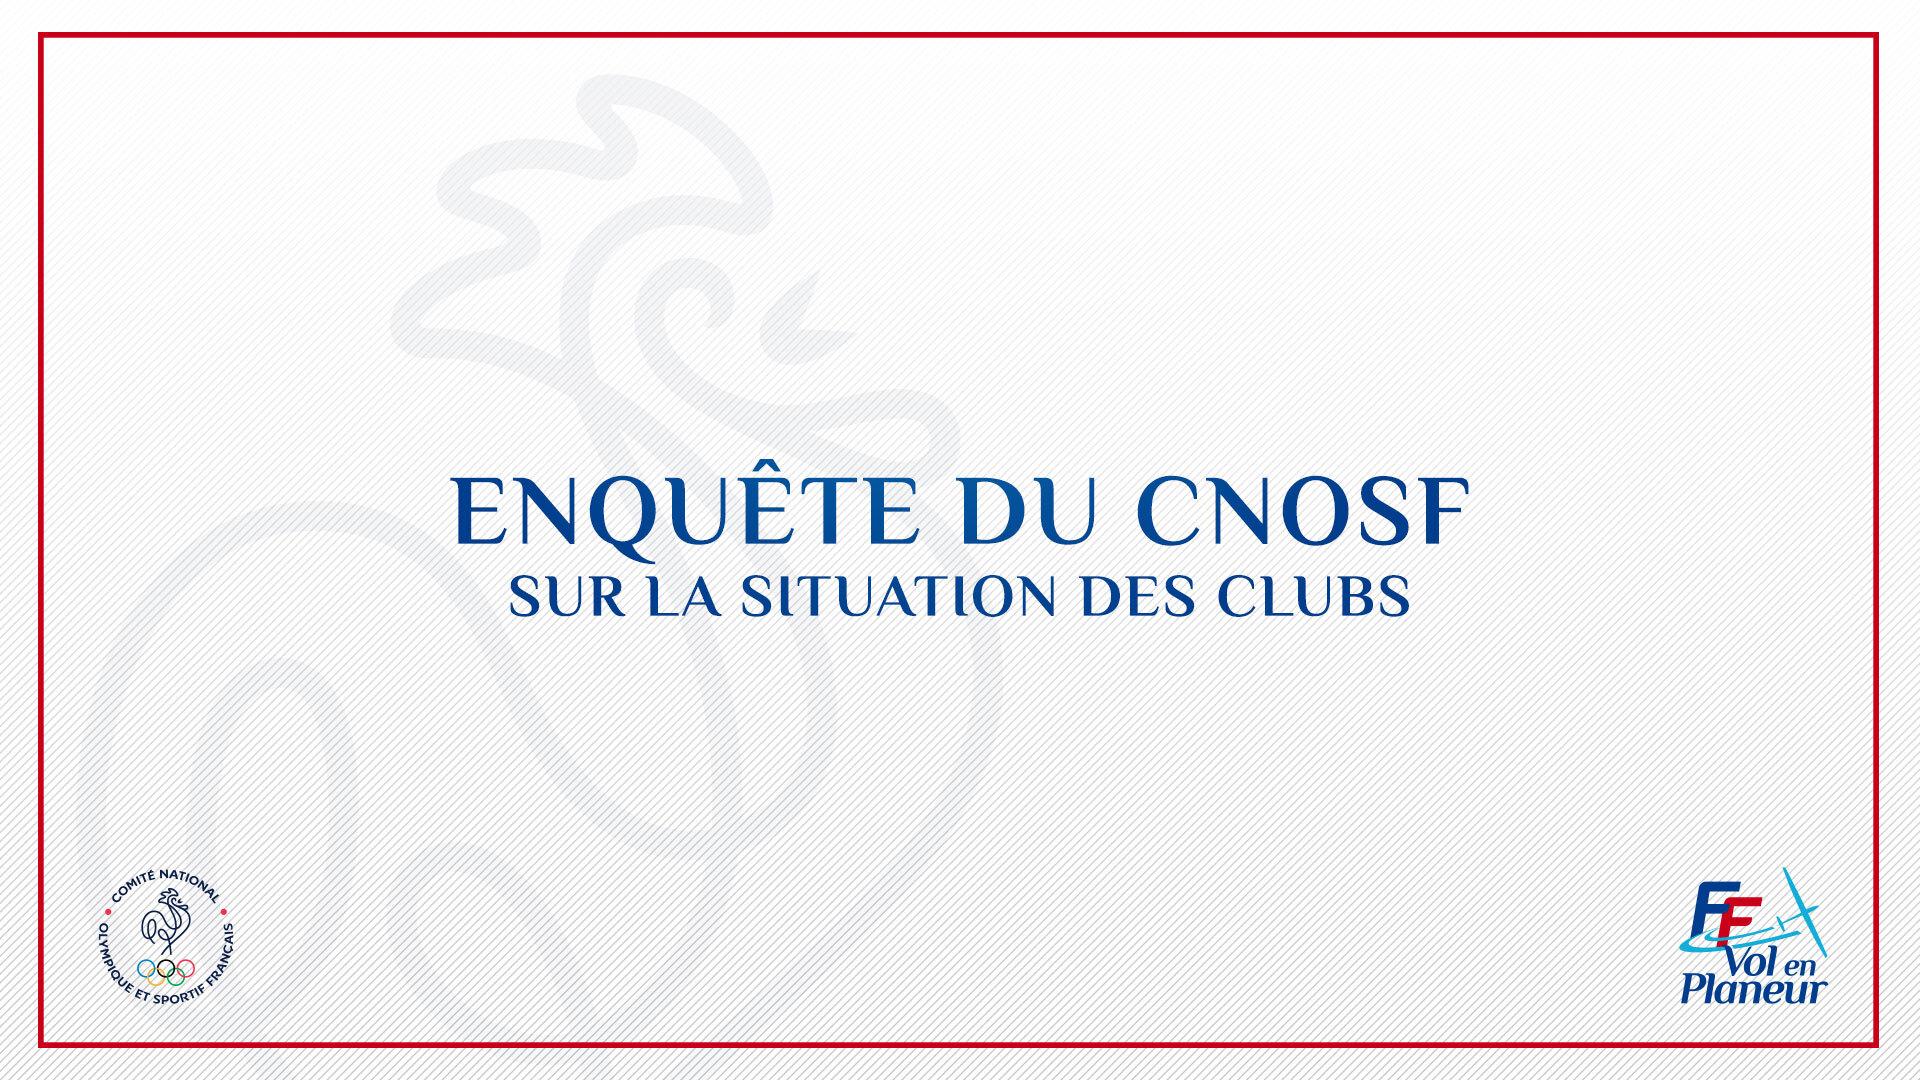 Enquête CNOSF sur la situation des clubs